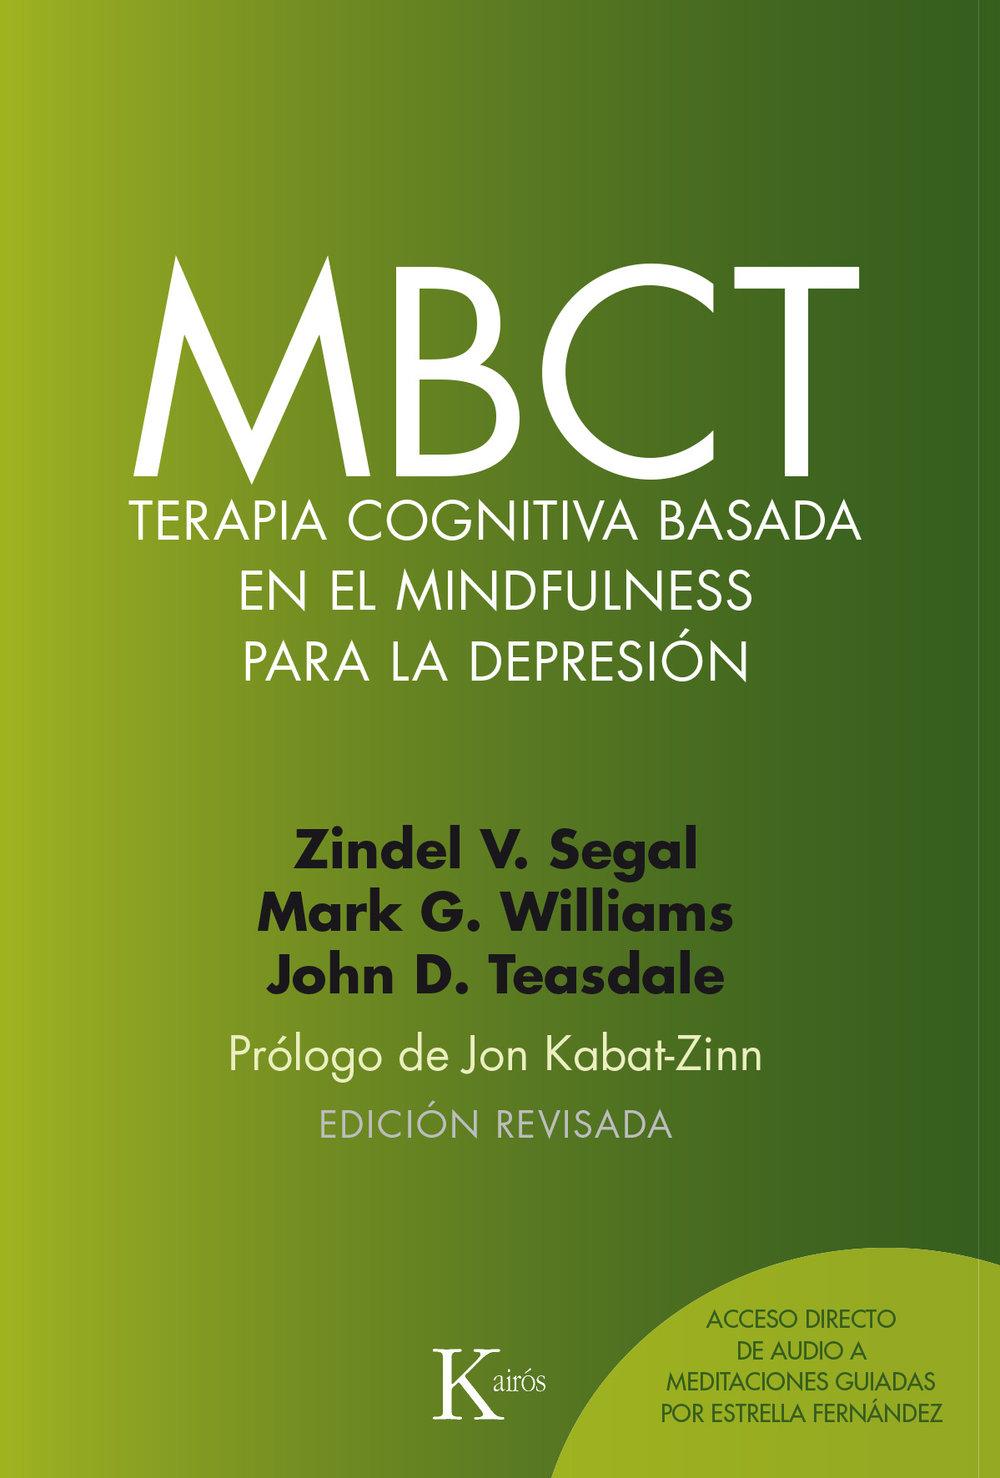 MBCT Terapia cognitiva basada en el mindfulness para la depresión.jpg